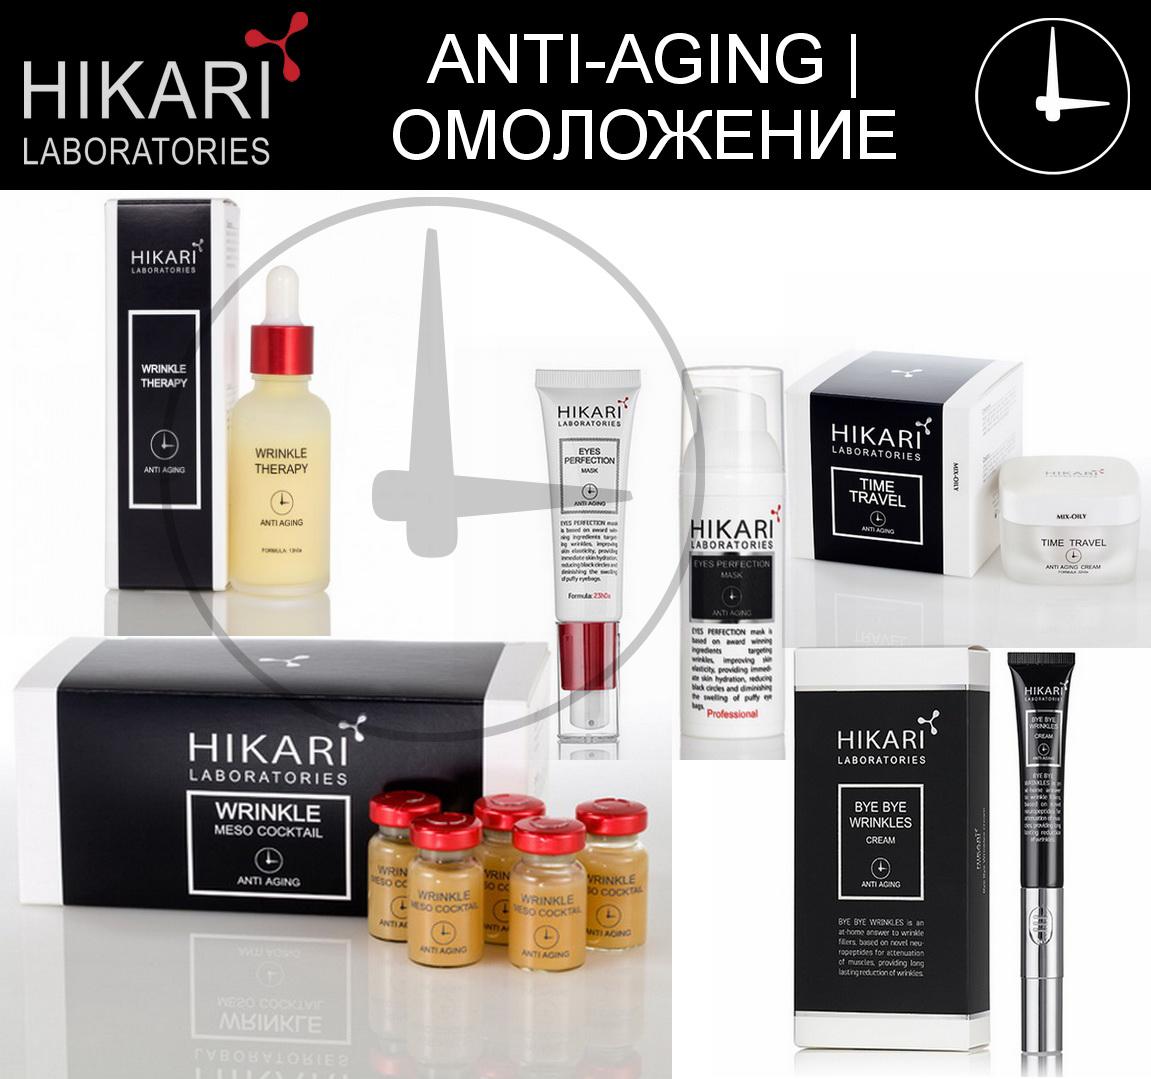 HIKARI - косметика, заменяющая инъекции